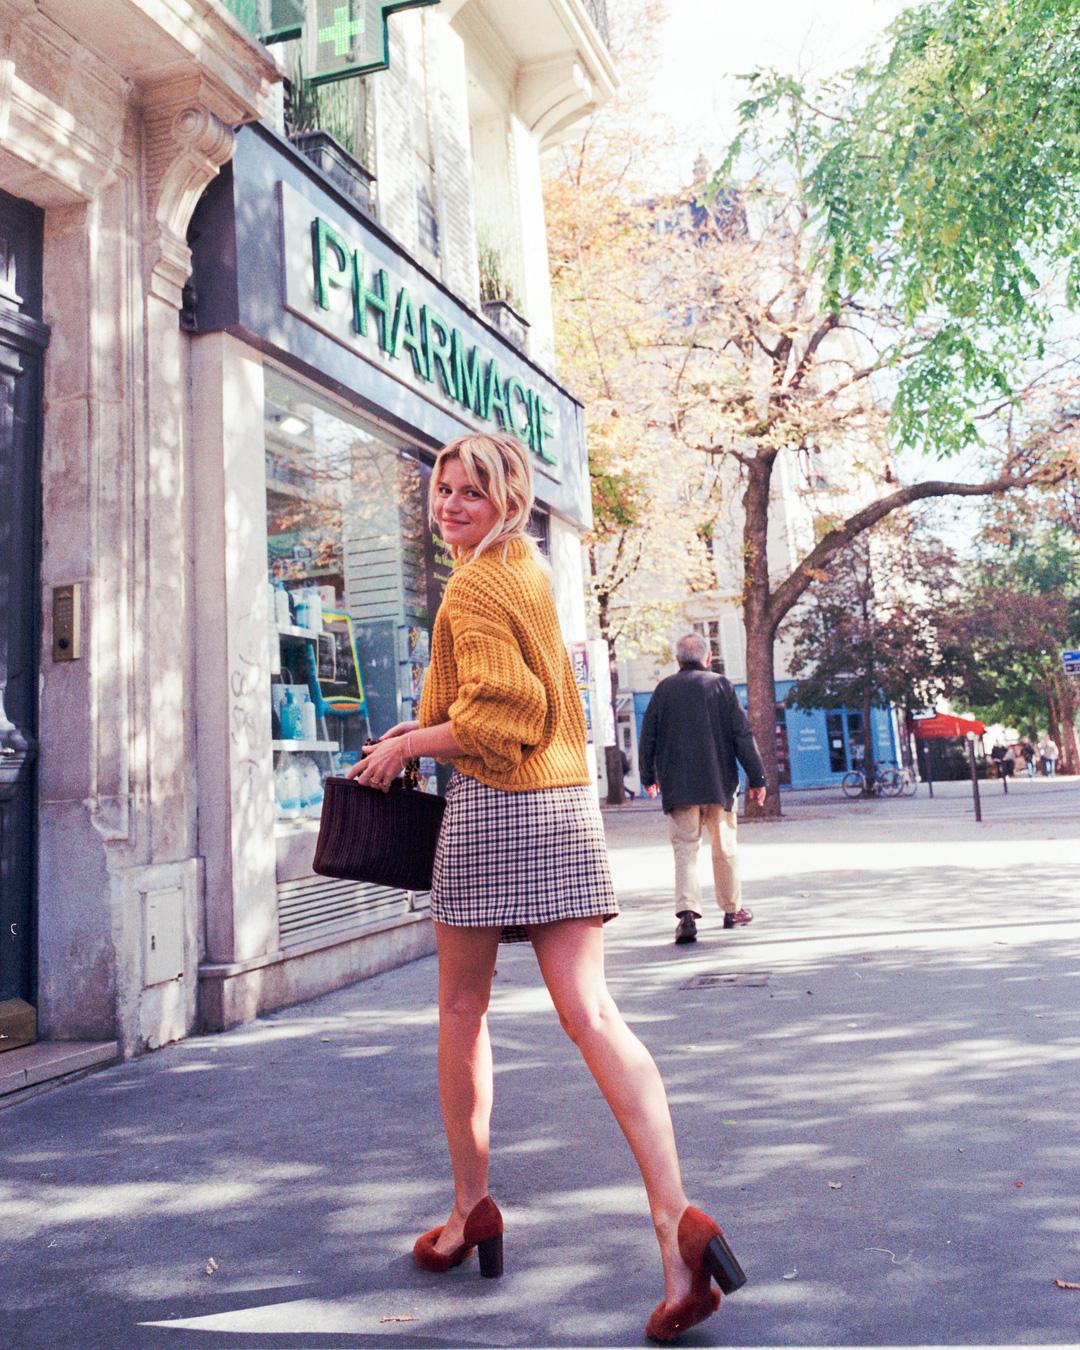 Không thể kìm lòng trước 5 cách diện áo len đẹp xỉu của phụ nữ Pháp, bạn sẽ muốn áp dụng bằng hết mới được - Ảnh 15